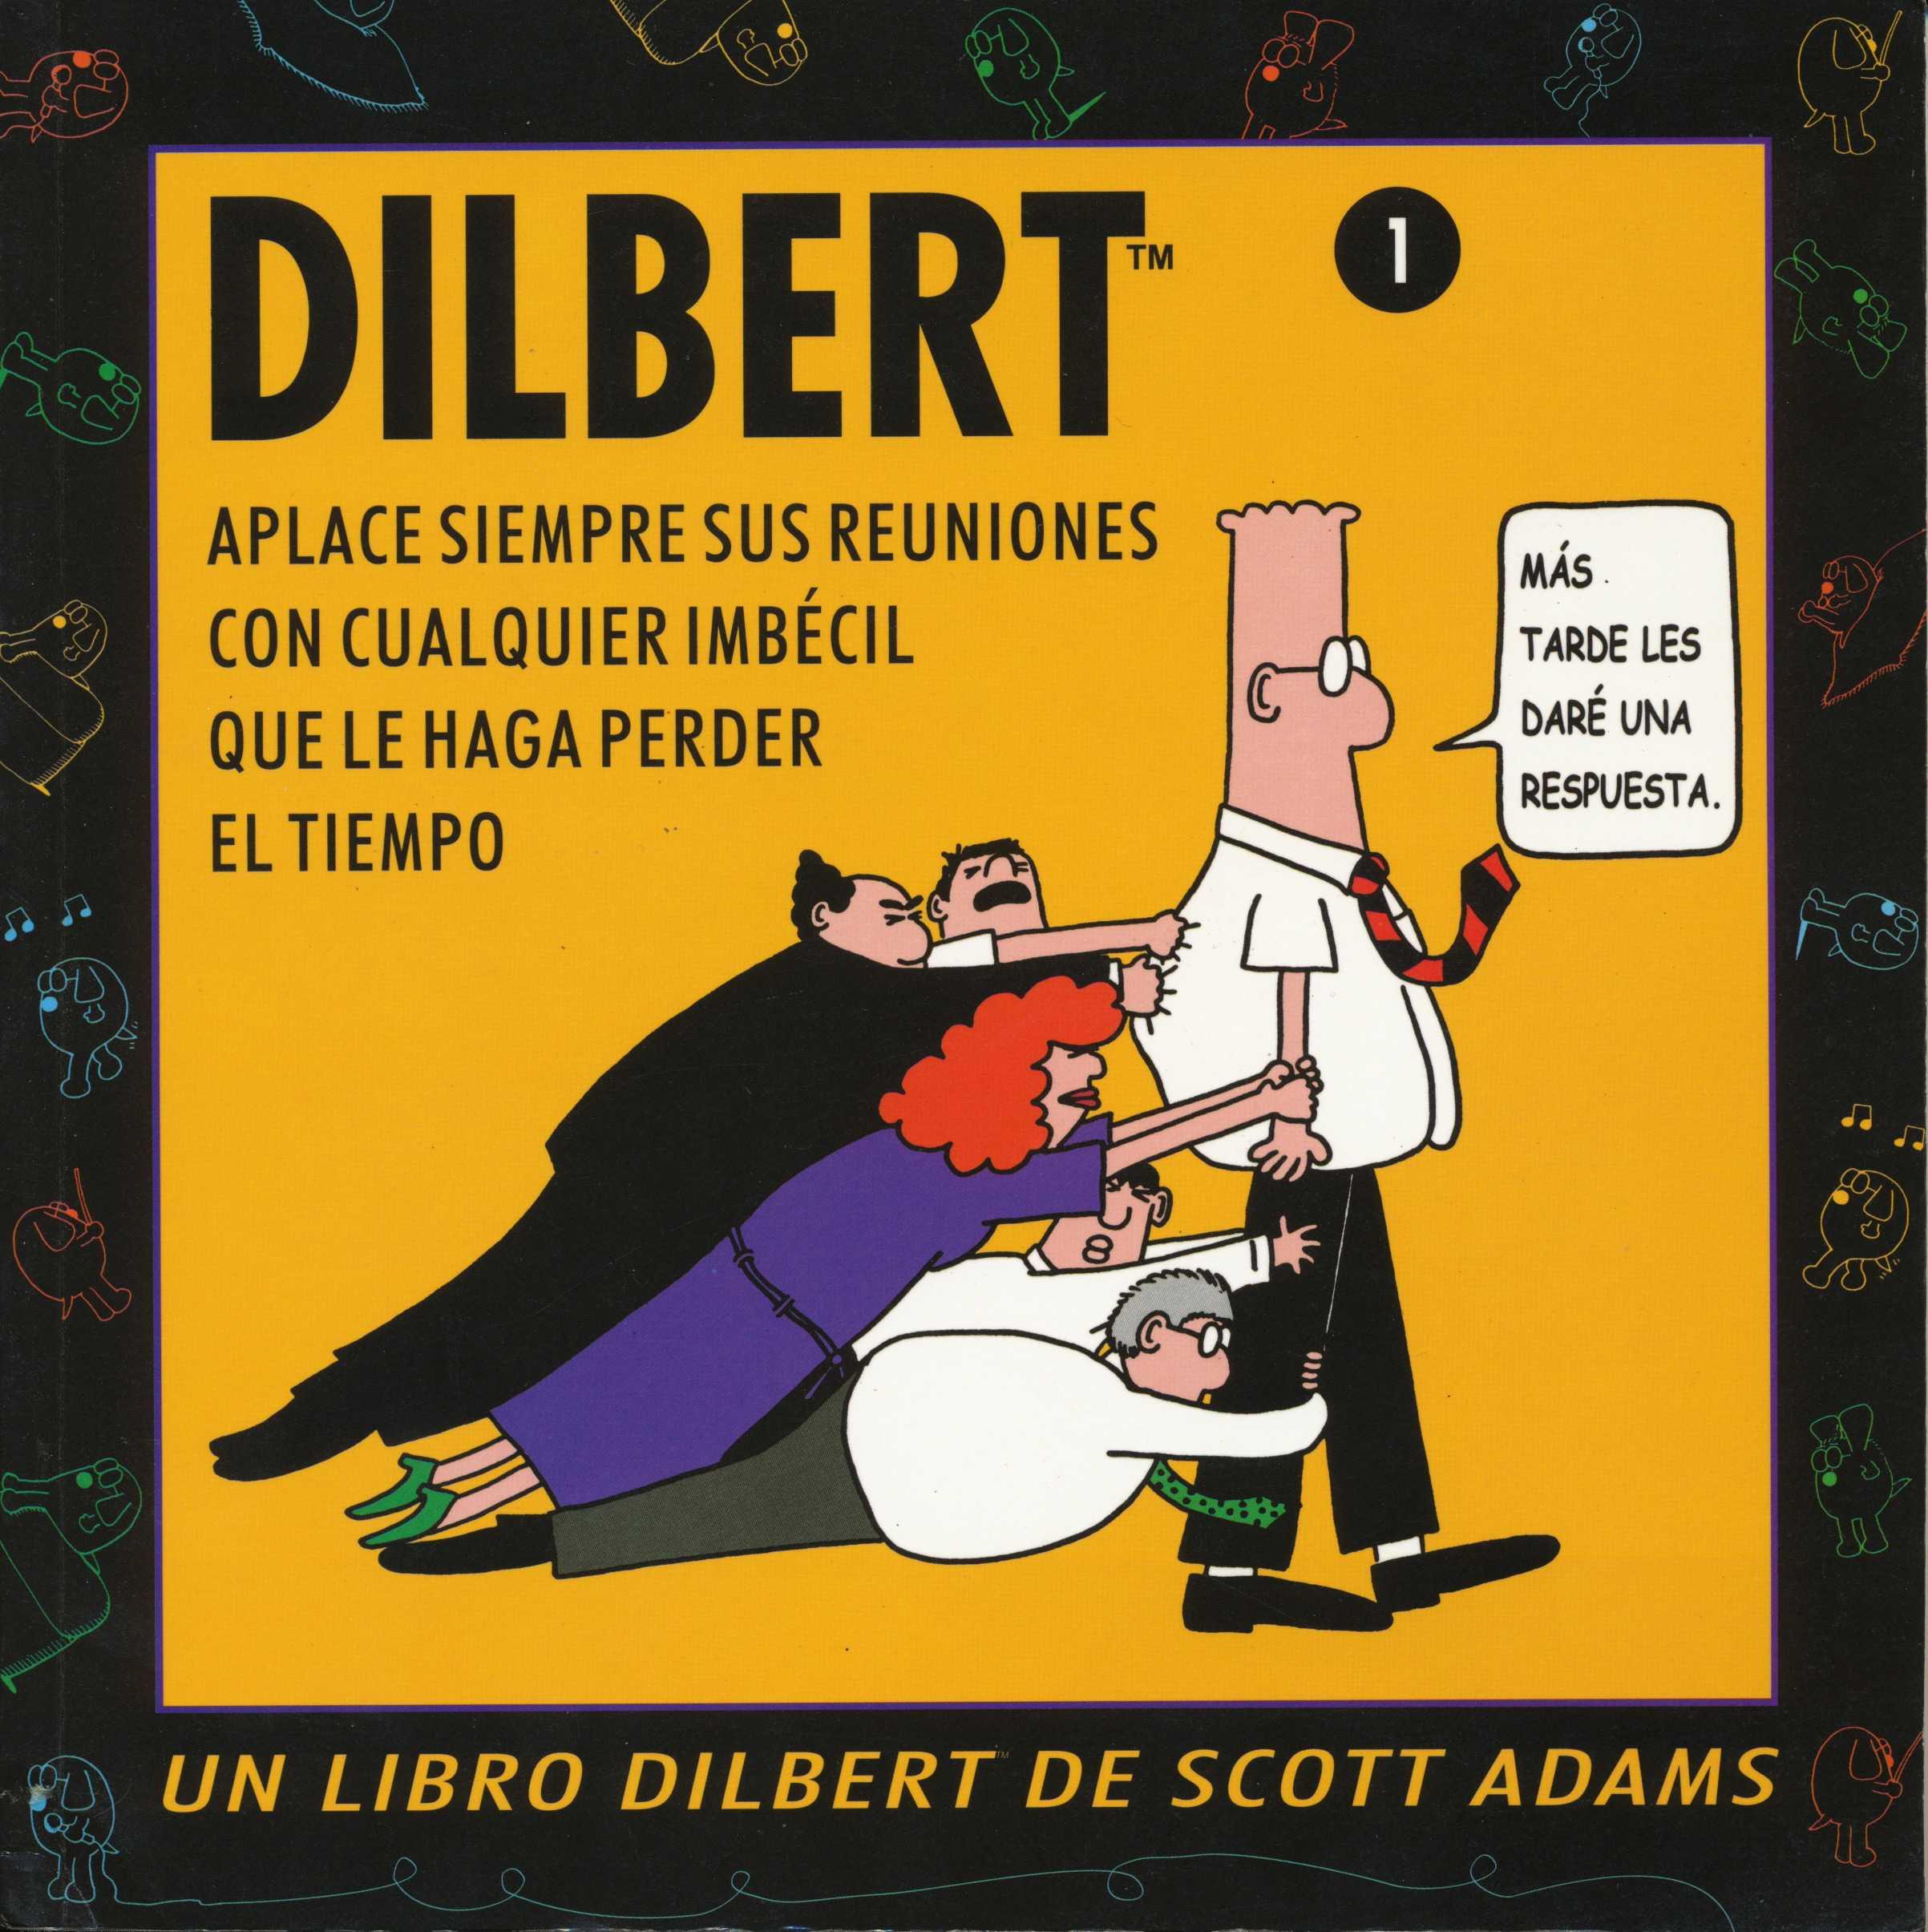 Dilbert 1: Aplace siempre sus reuniones con cualquier imbécil que le haga perder el tiempo